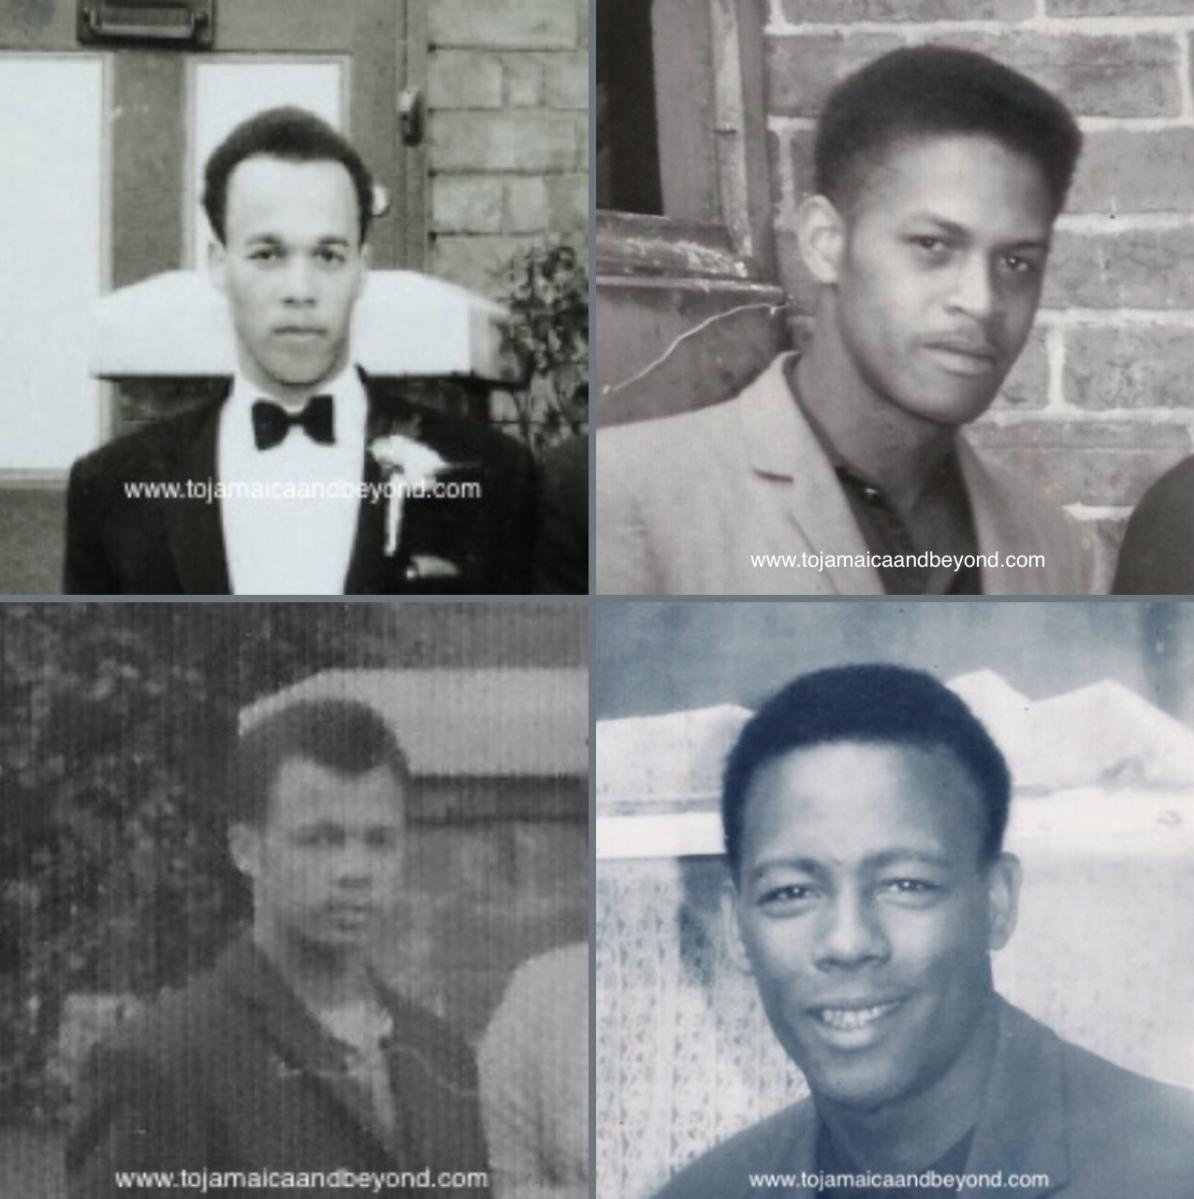 1958/59/60 - More Nephews